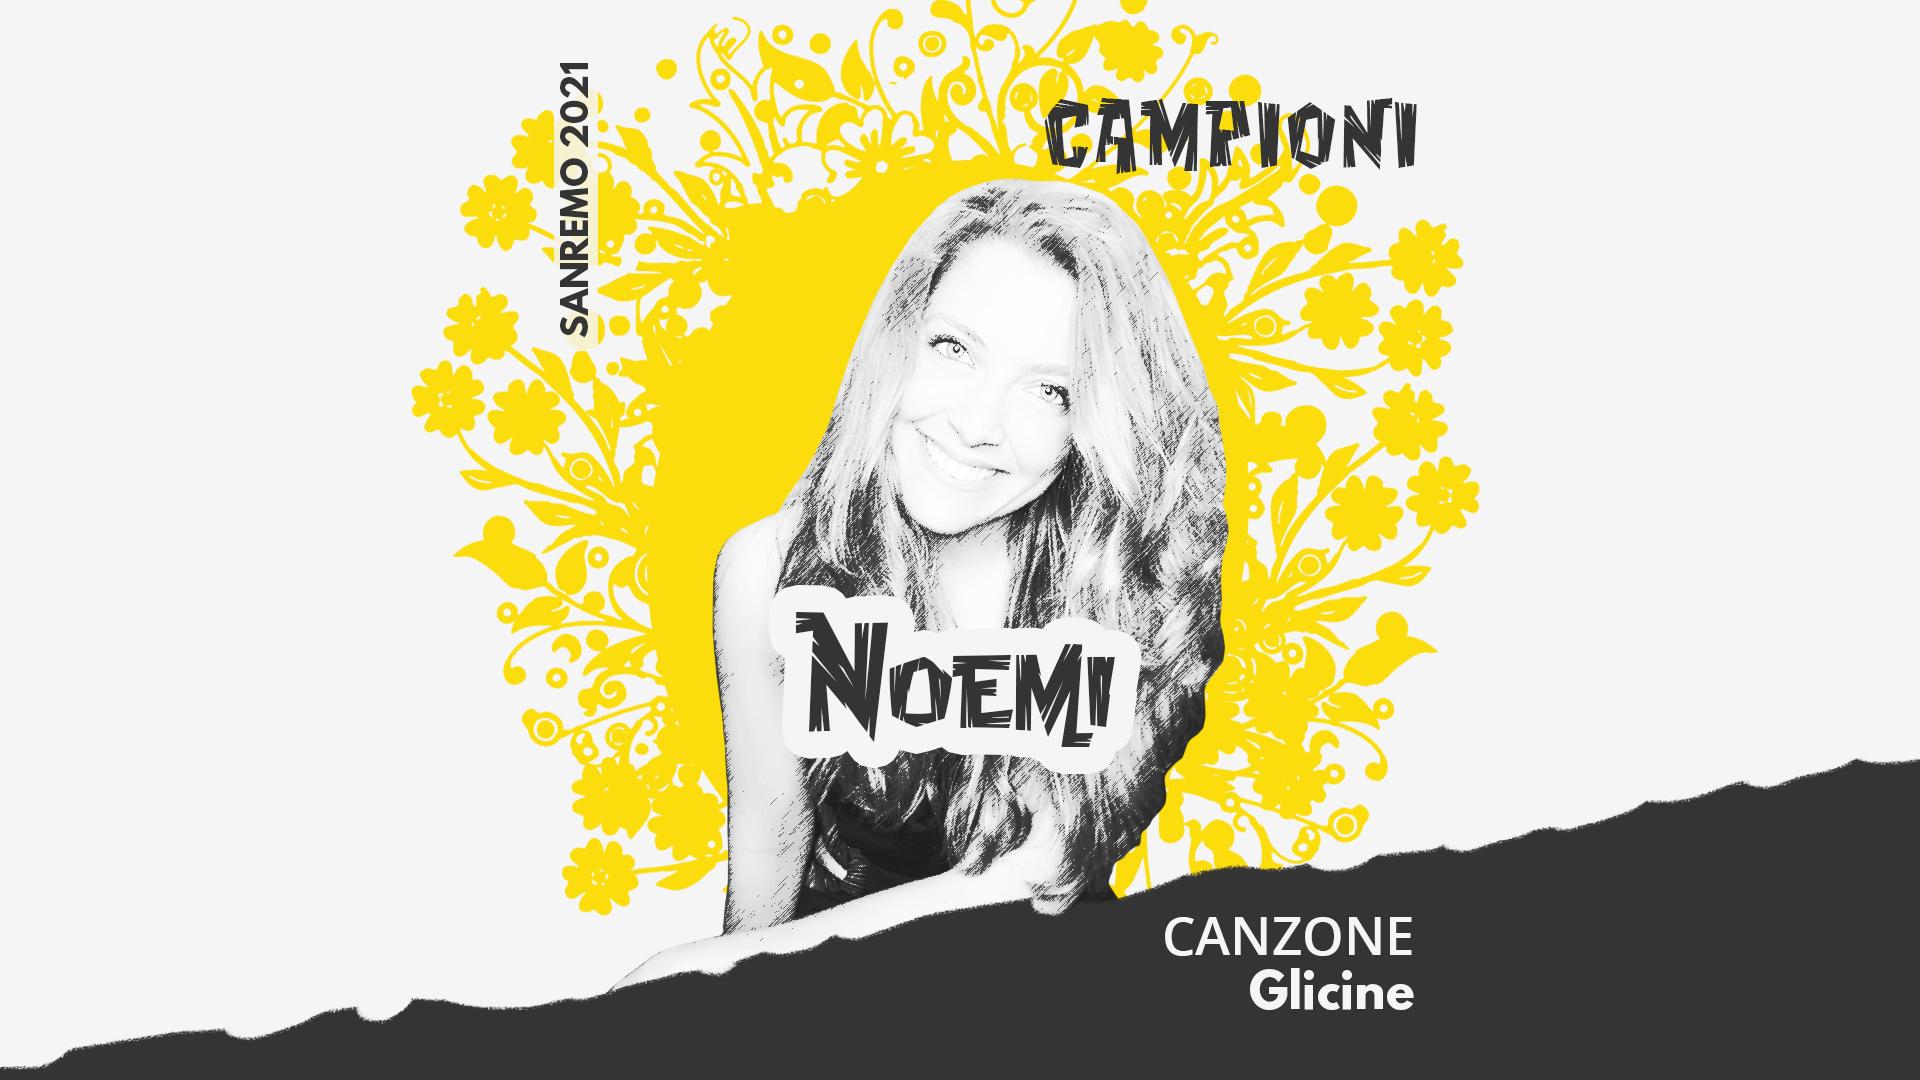 Sanremo 2021, Noemi – Glicine